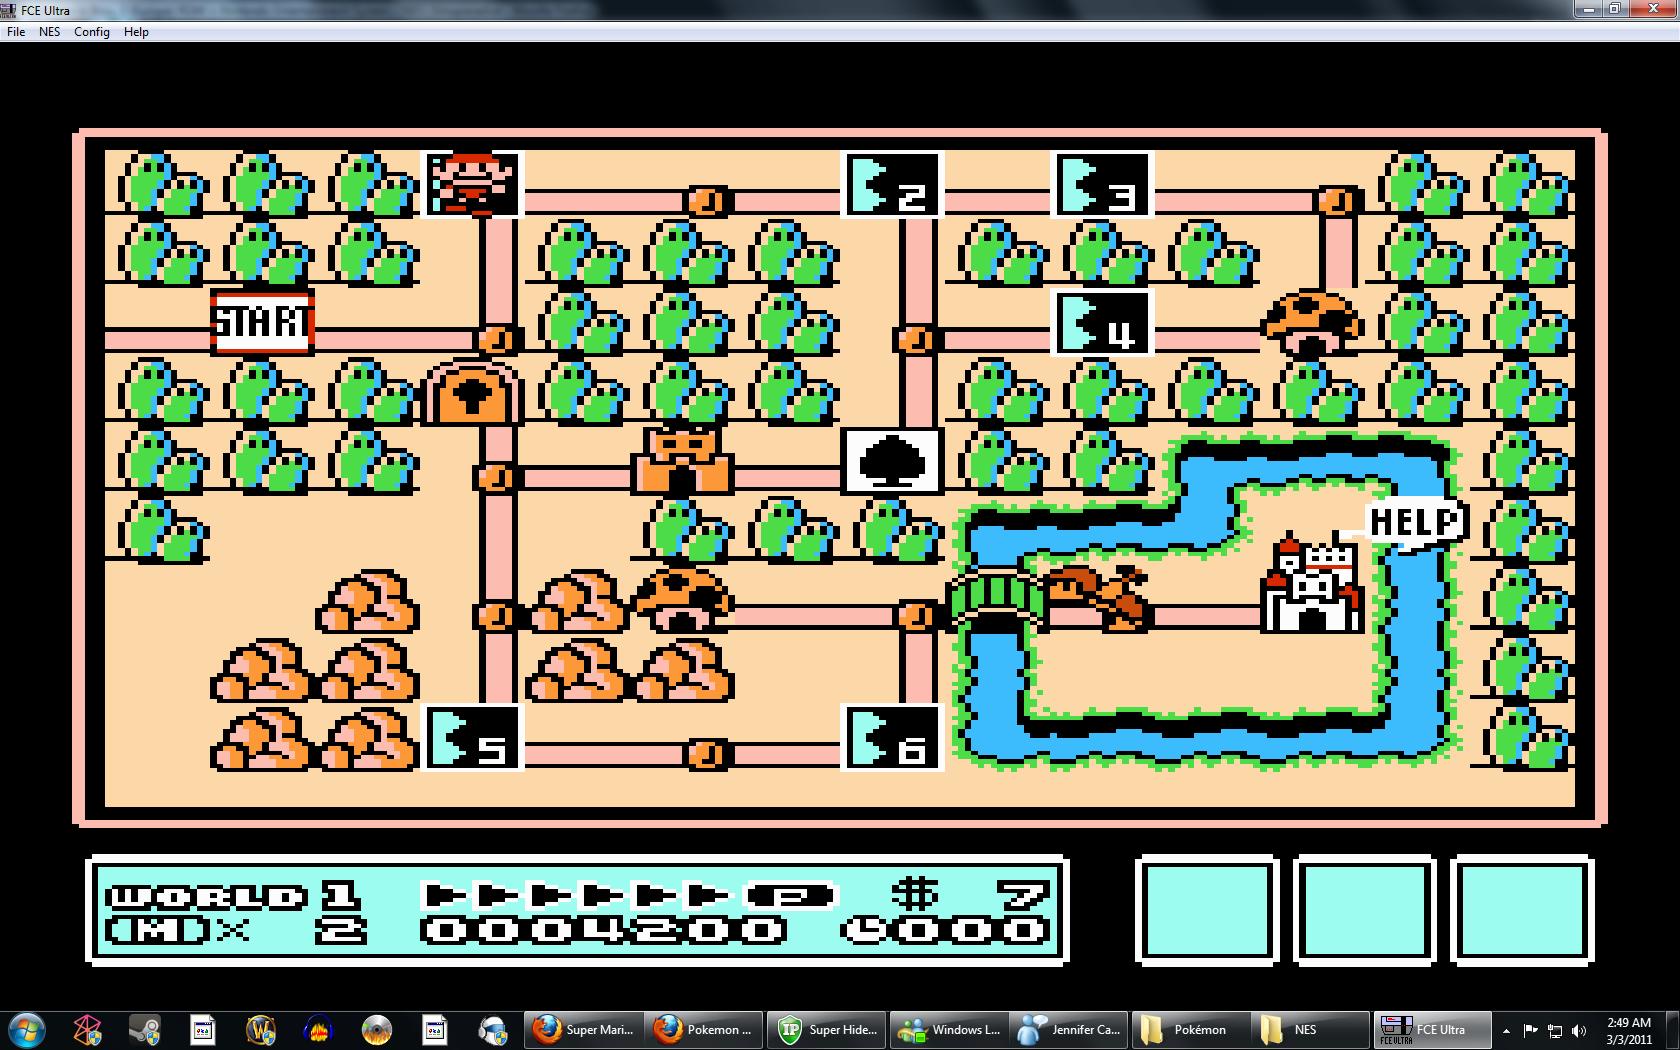 Super Mario Bros 3 Usa Rev A Rom Nes Roms Emuparadise